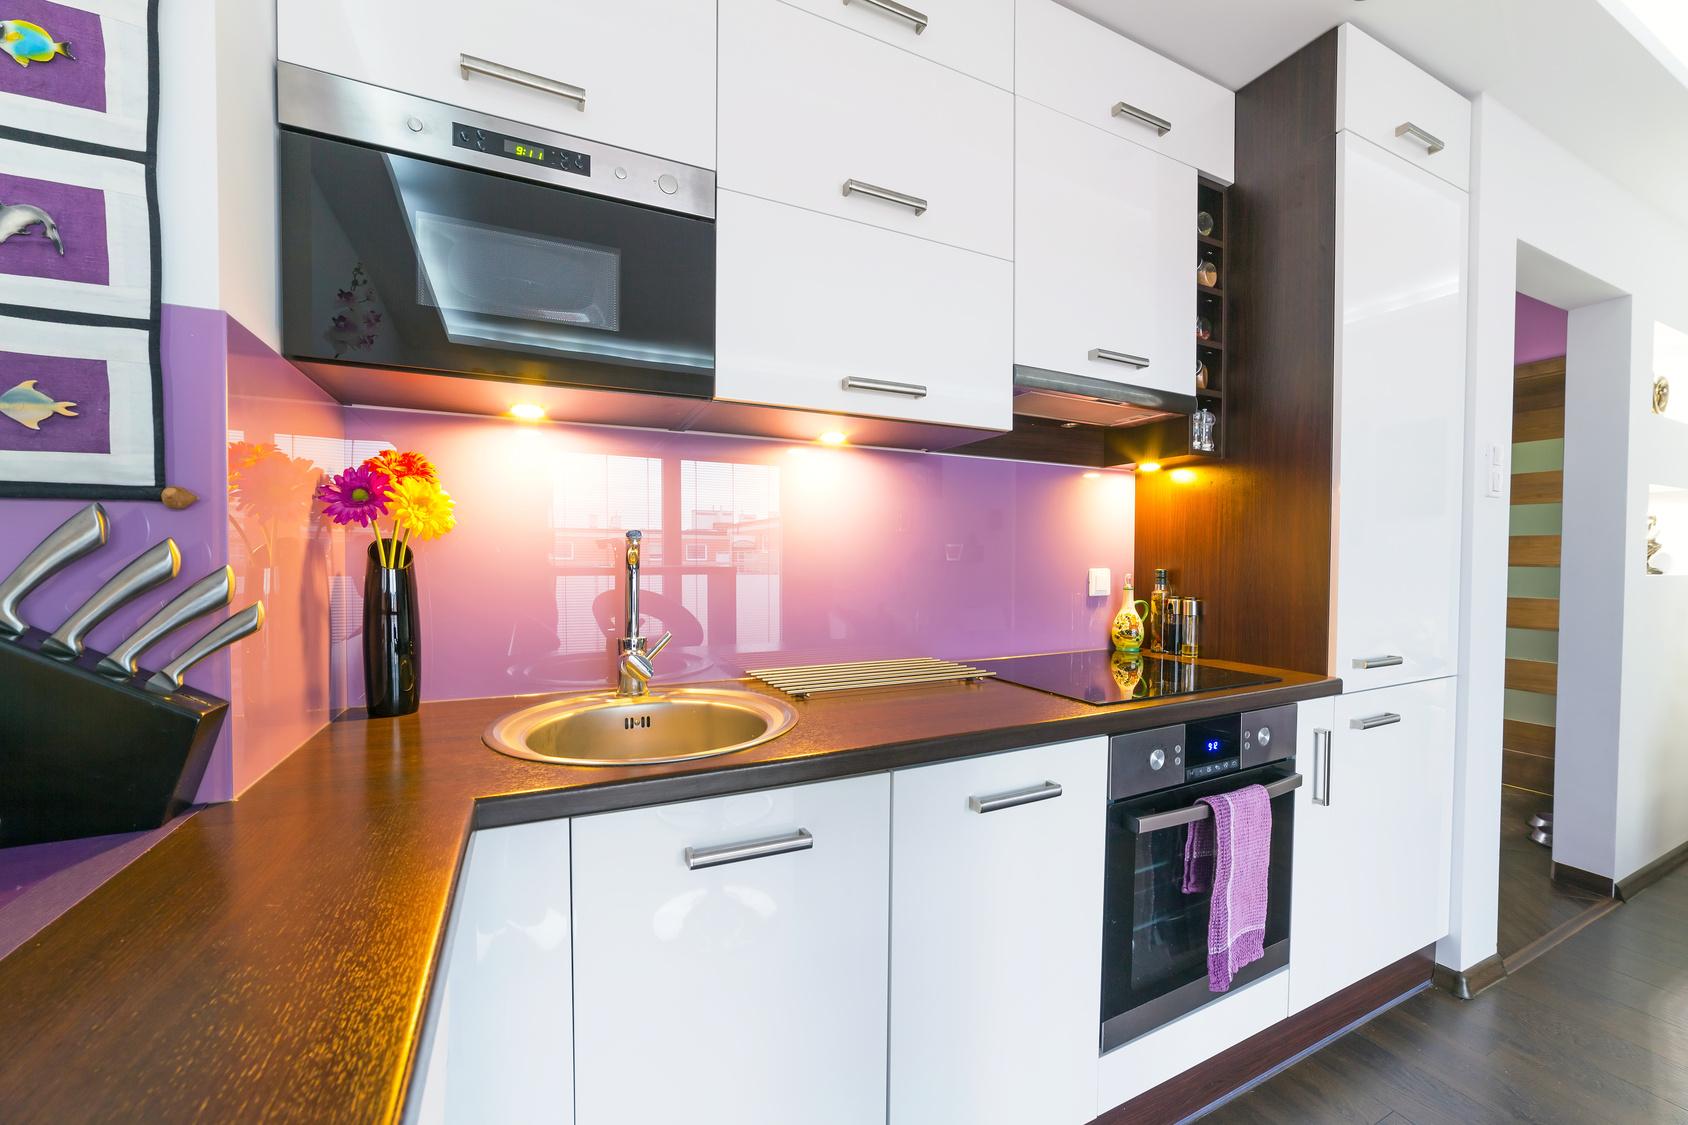 hochglanzfronten in der k che reinigen. Black Bedroom Furniture Sets. Home Design Ideas